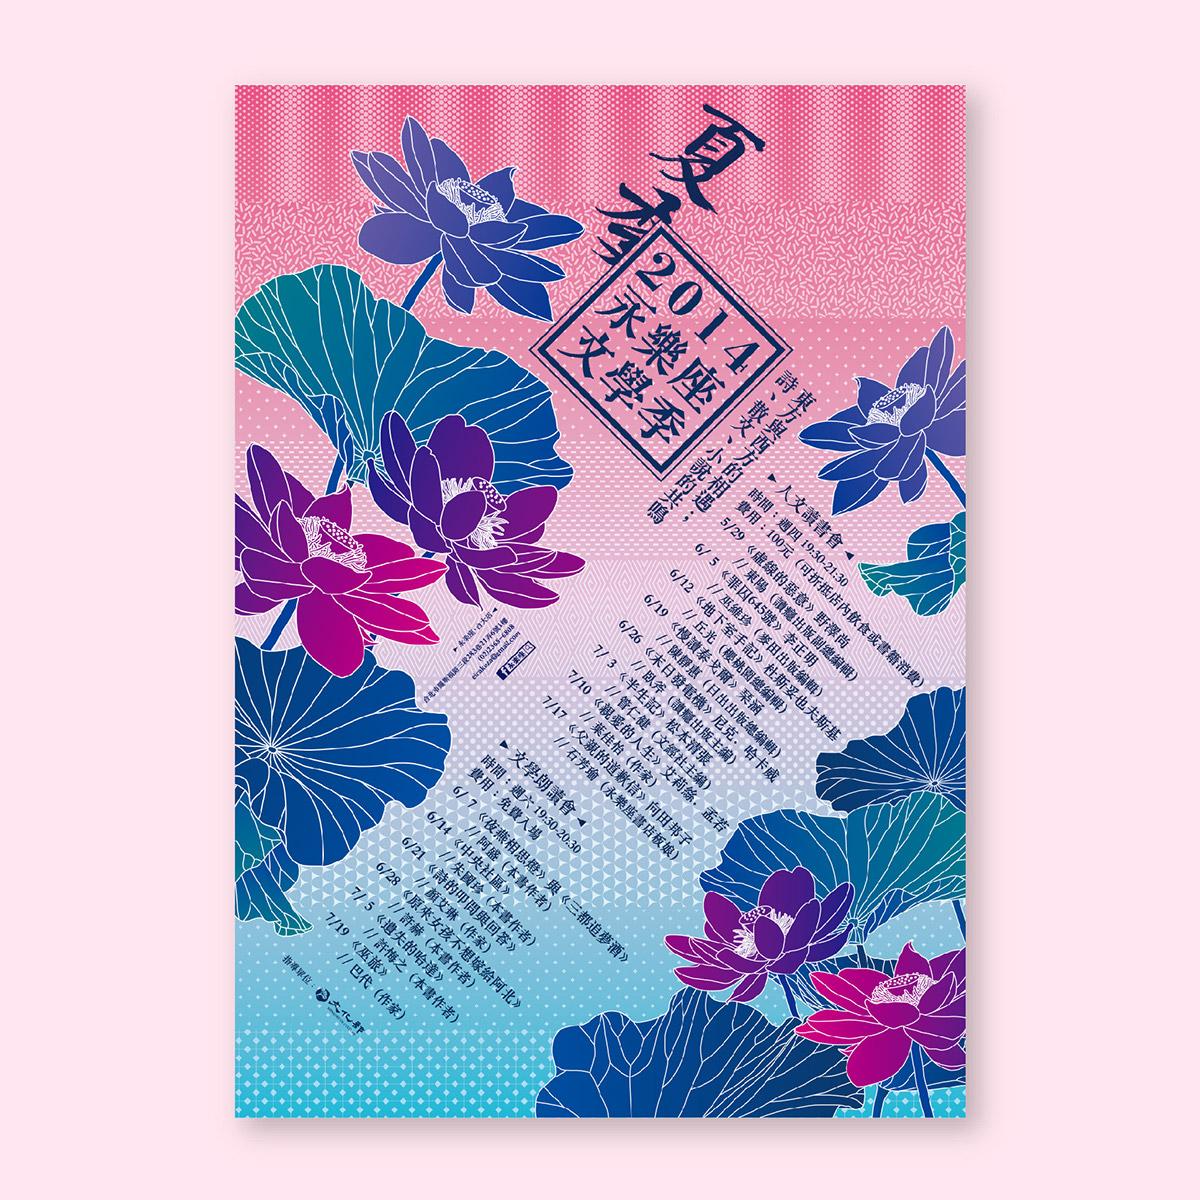 台湾设计师何昀芳Yun-Fang Ho海报设计作品